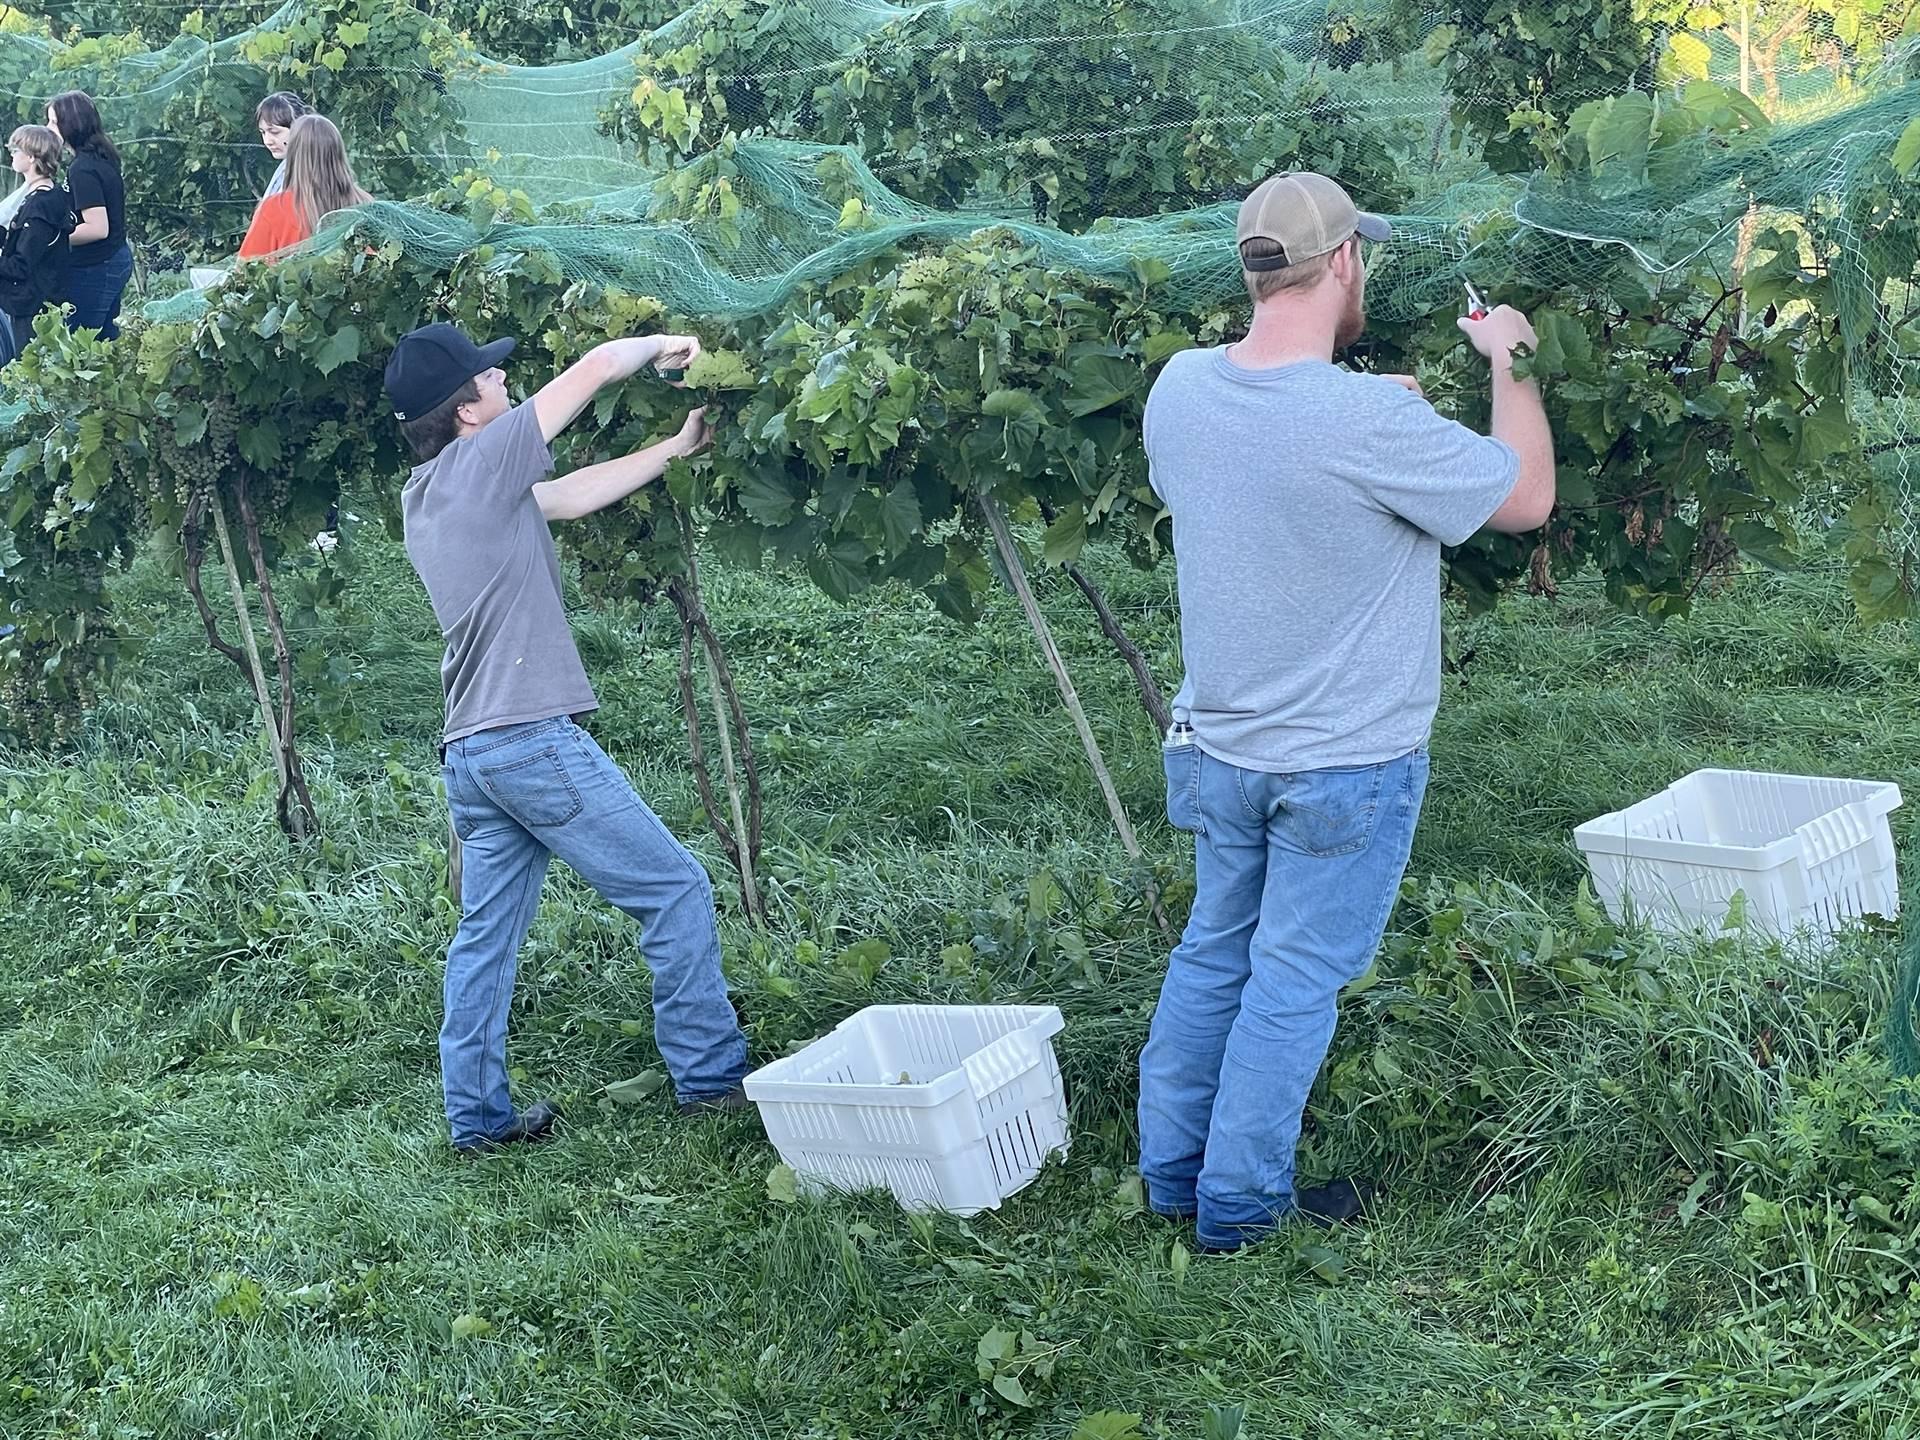 FFA Harvesting Grapes at the Vineyard